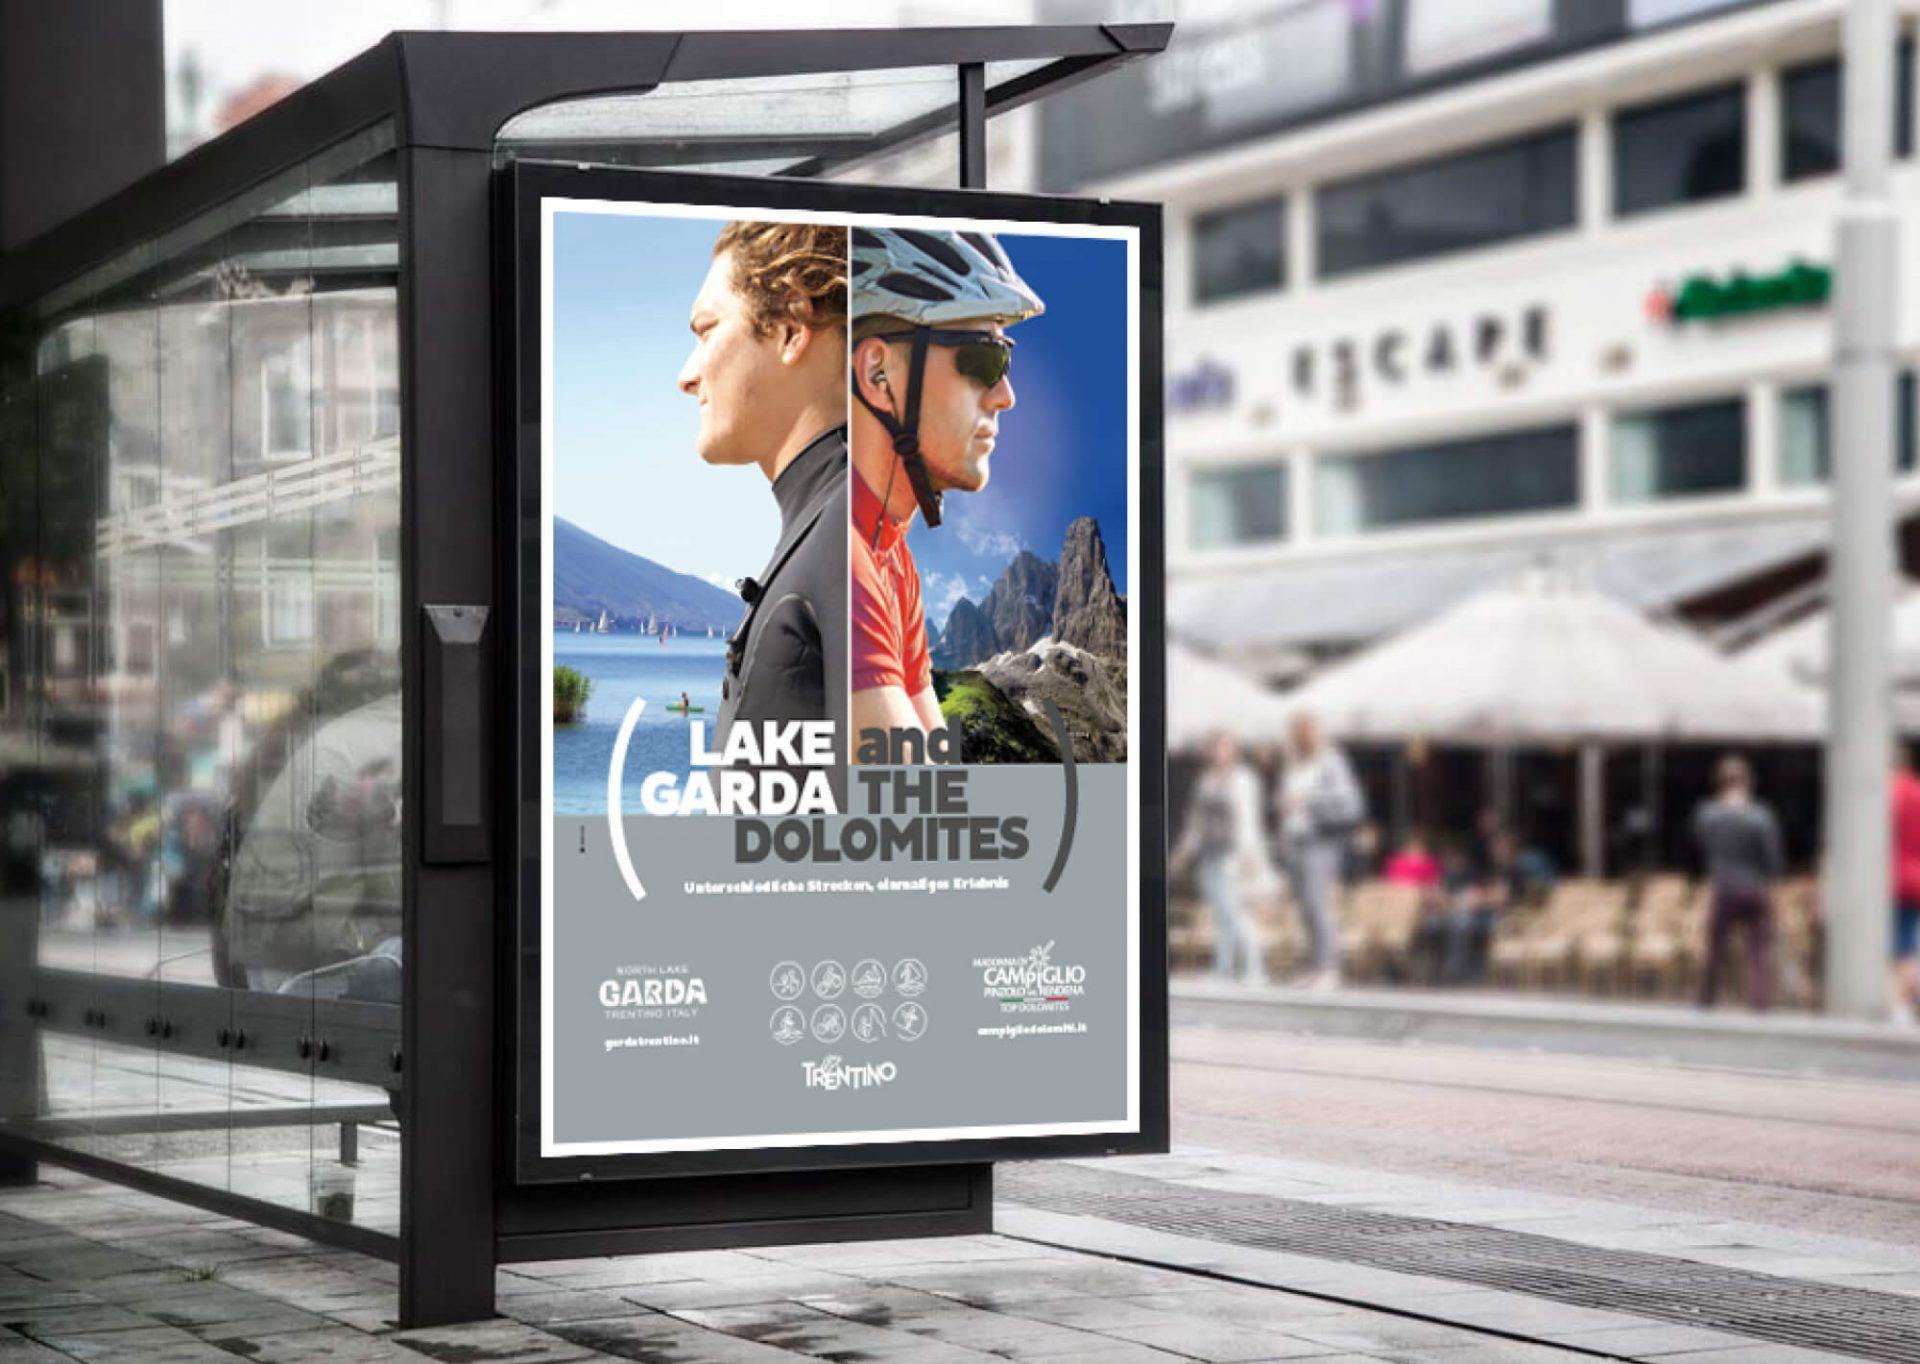 manifesto stradale pubblicitario per la promozione delle attività apt madonna di campiglio - garda trentino, progettato dalla agenzia di comunicazione diade studio arco trento